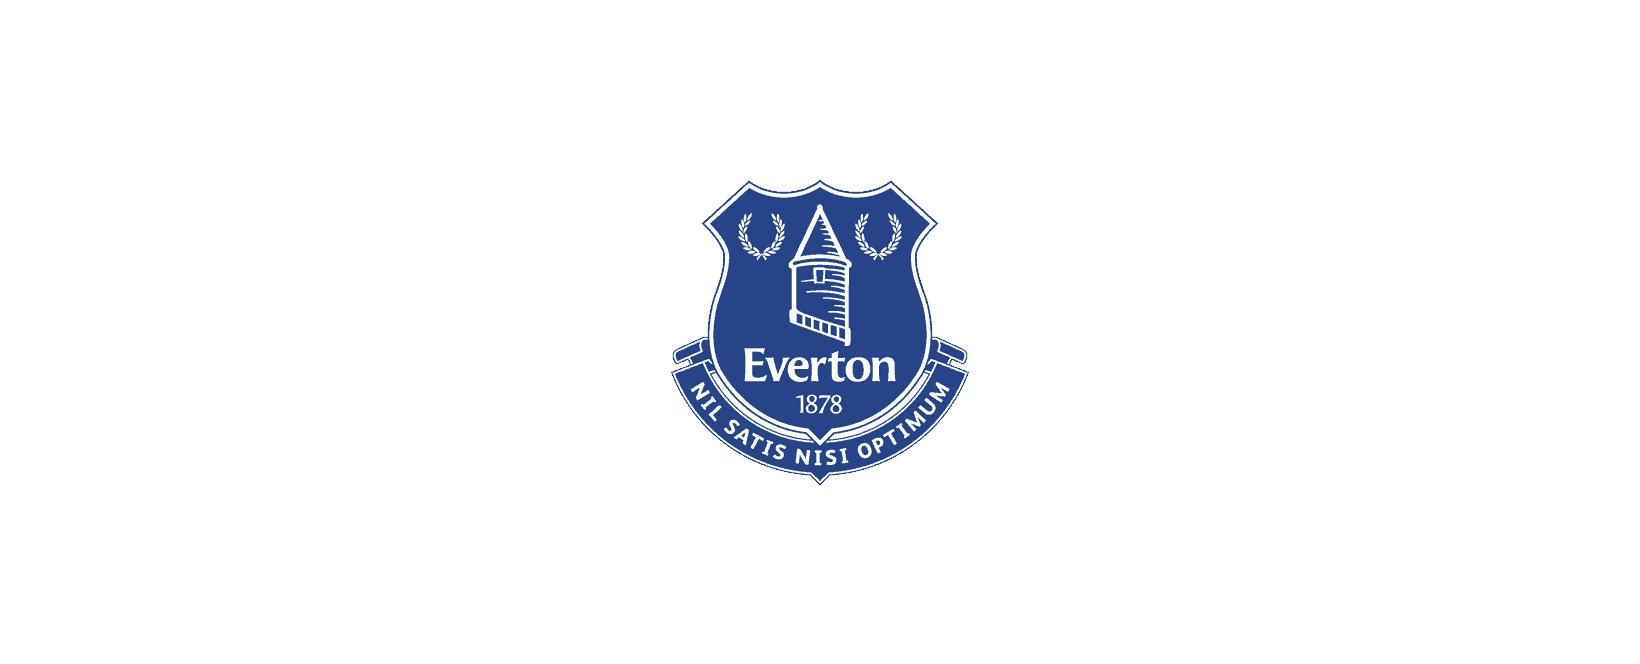 Everton Online Store Discount Code 2021